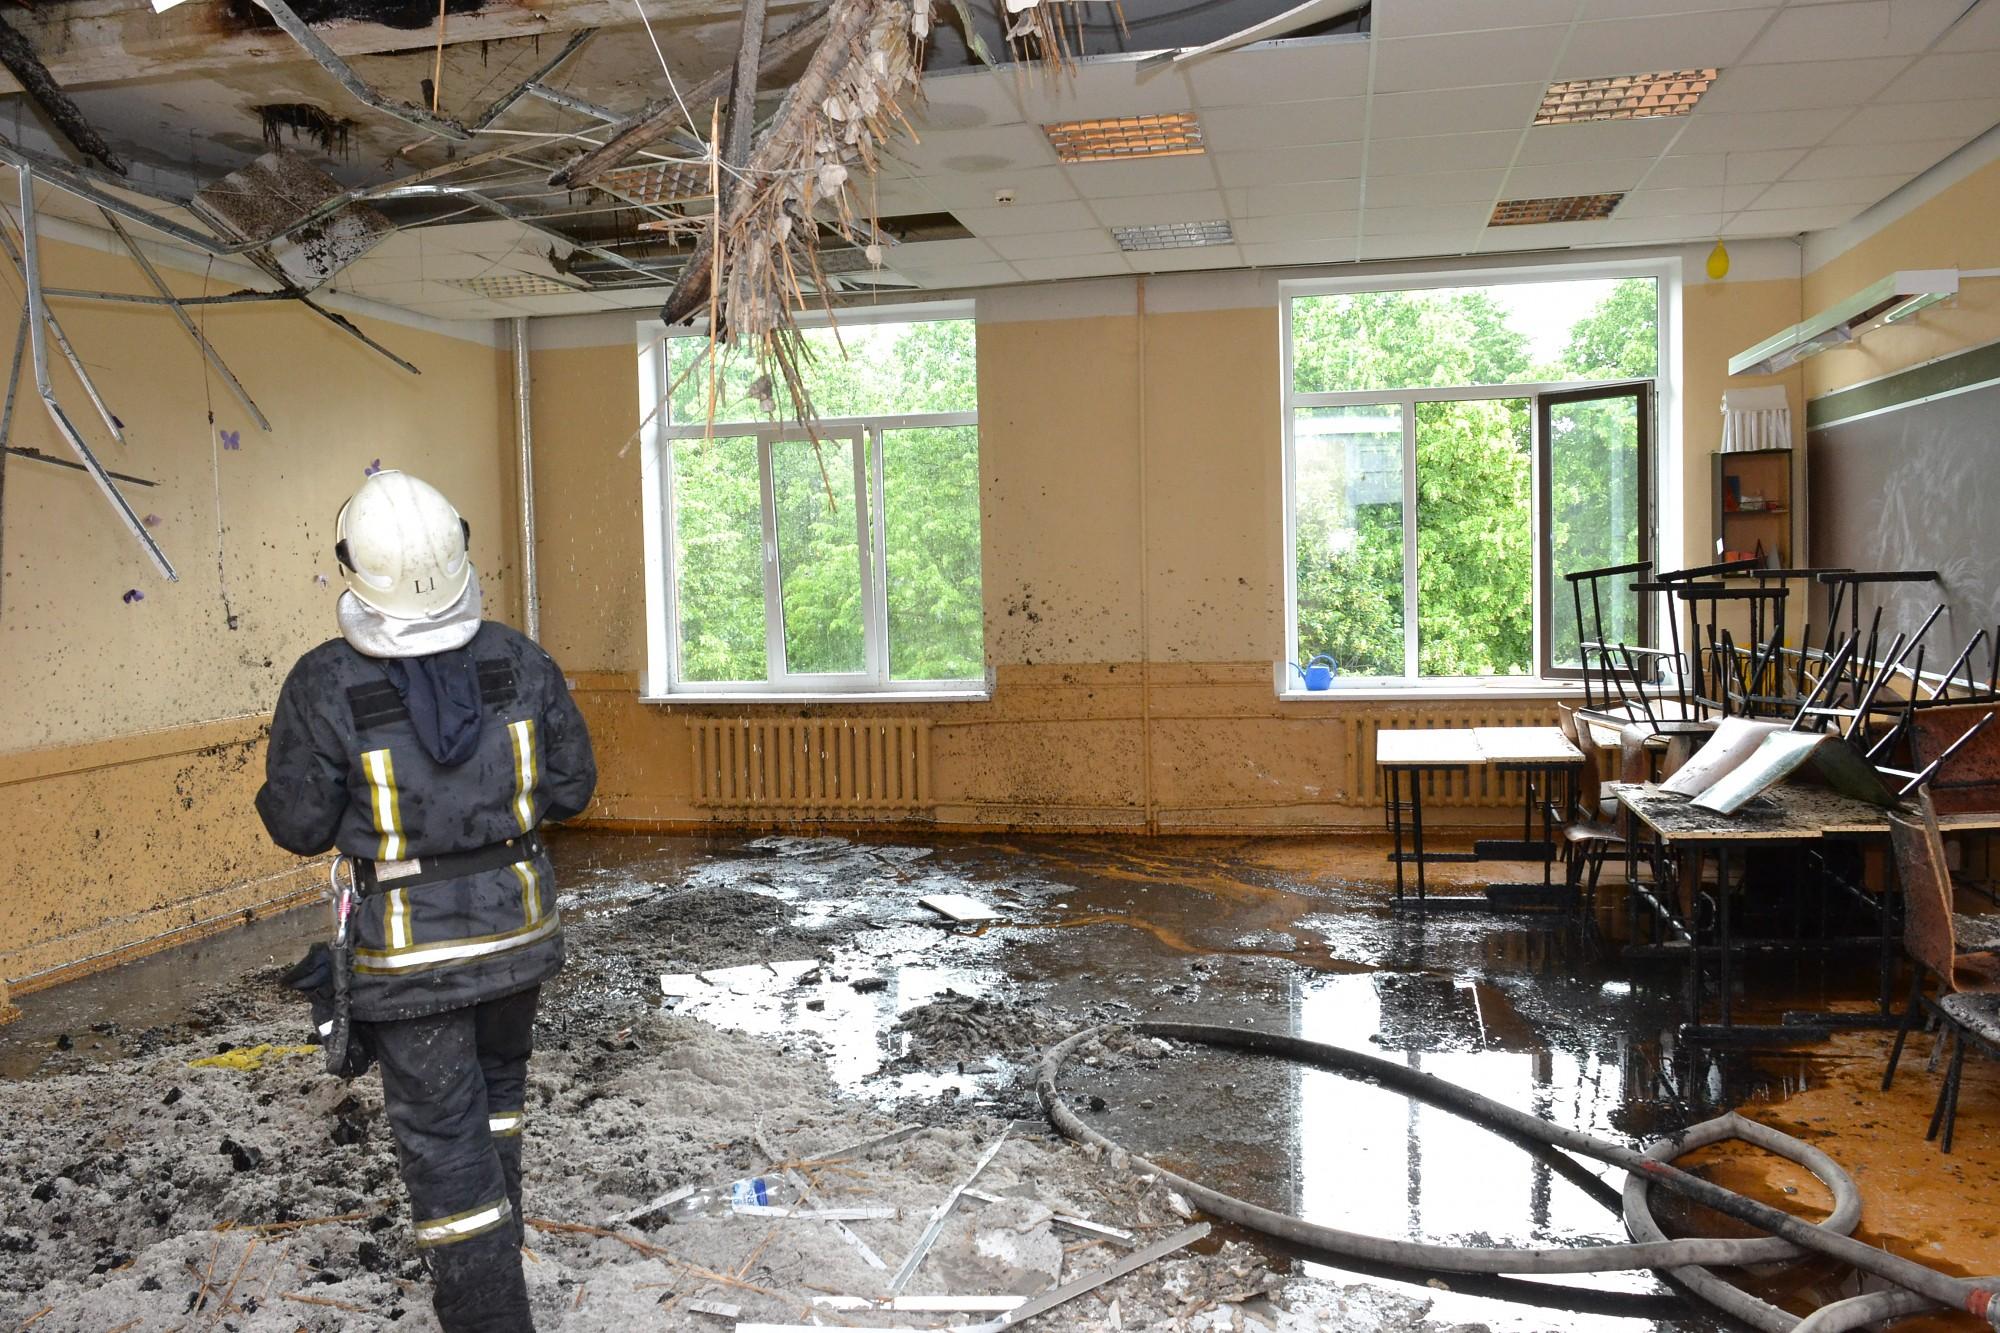 10.vidusskolai zibens spēriena radīto bojājumu novēršanai no valdības lūdz 72 822 eiro